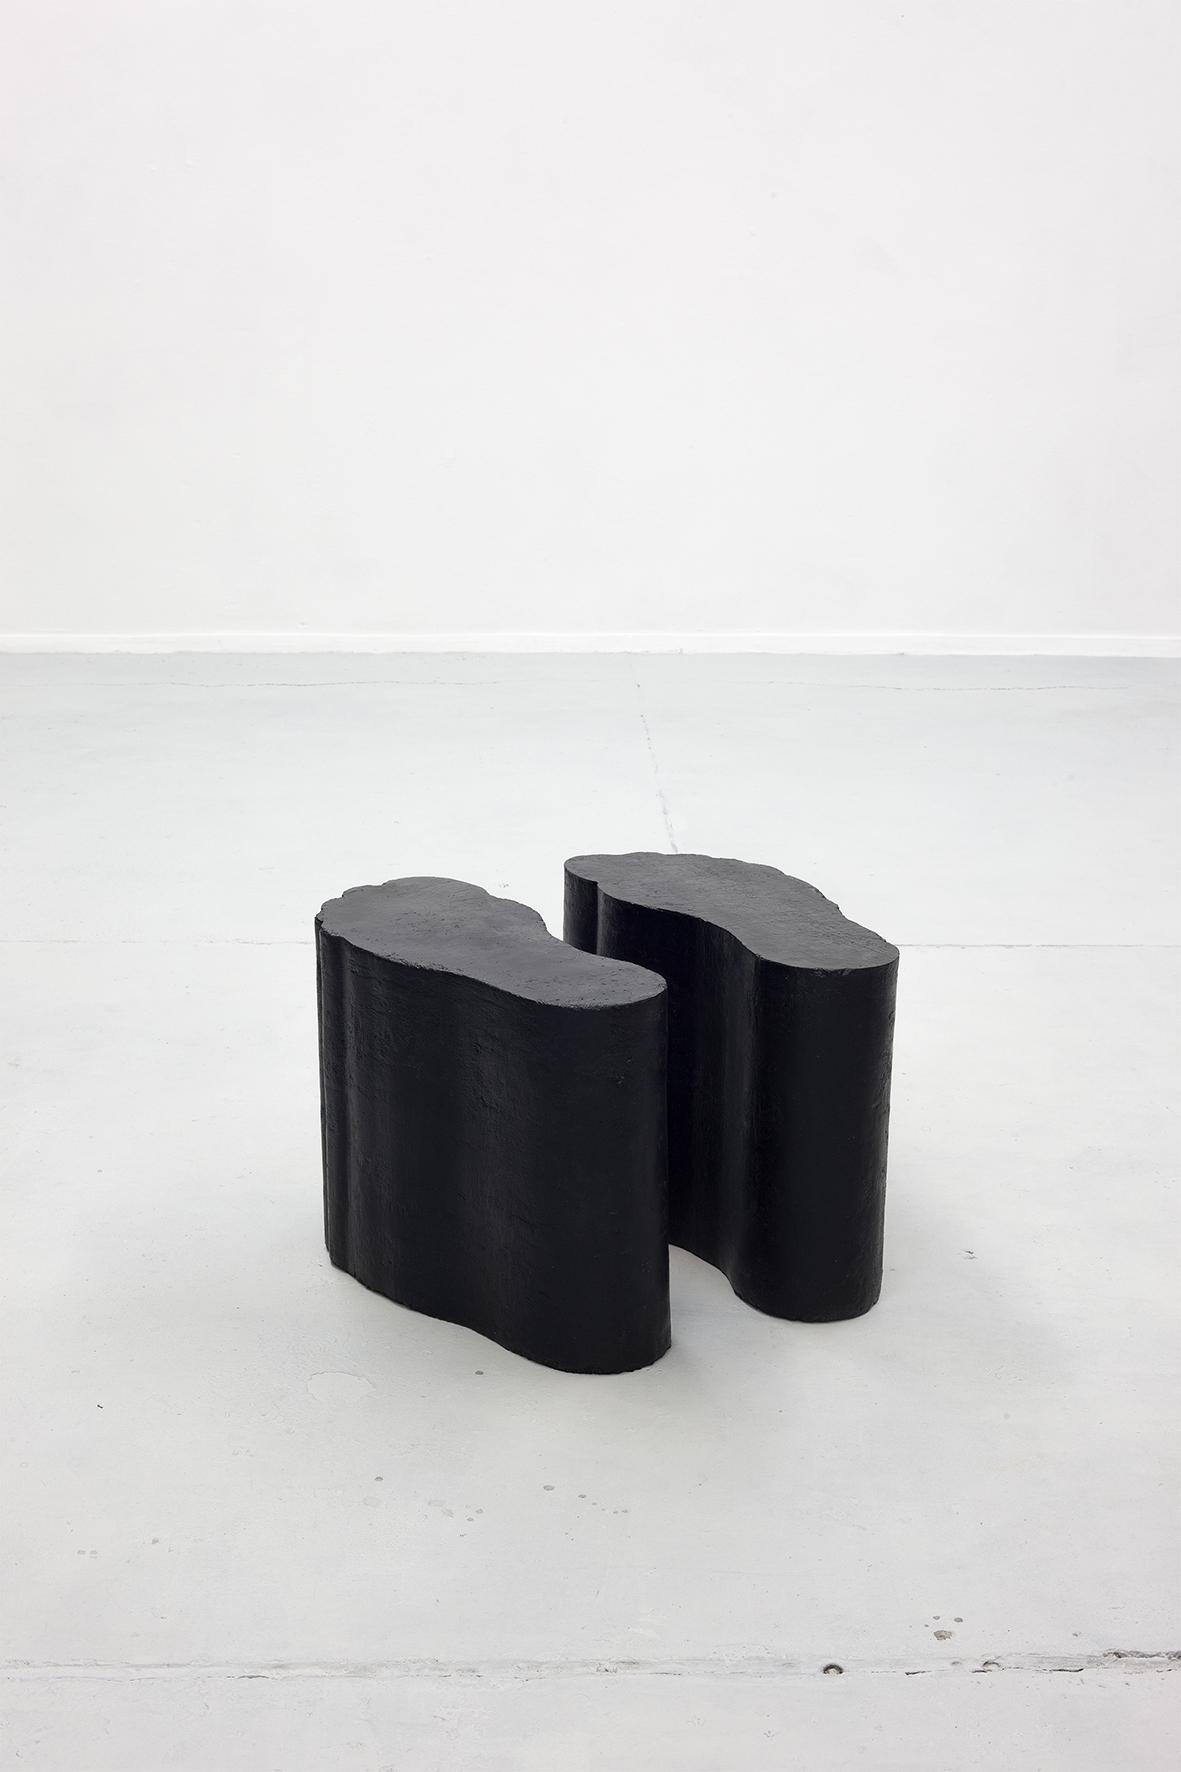 Sculpture, concrete, black coating I Fueße 01 I Erik Andersen